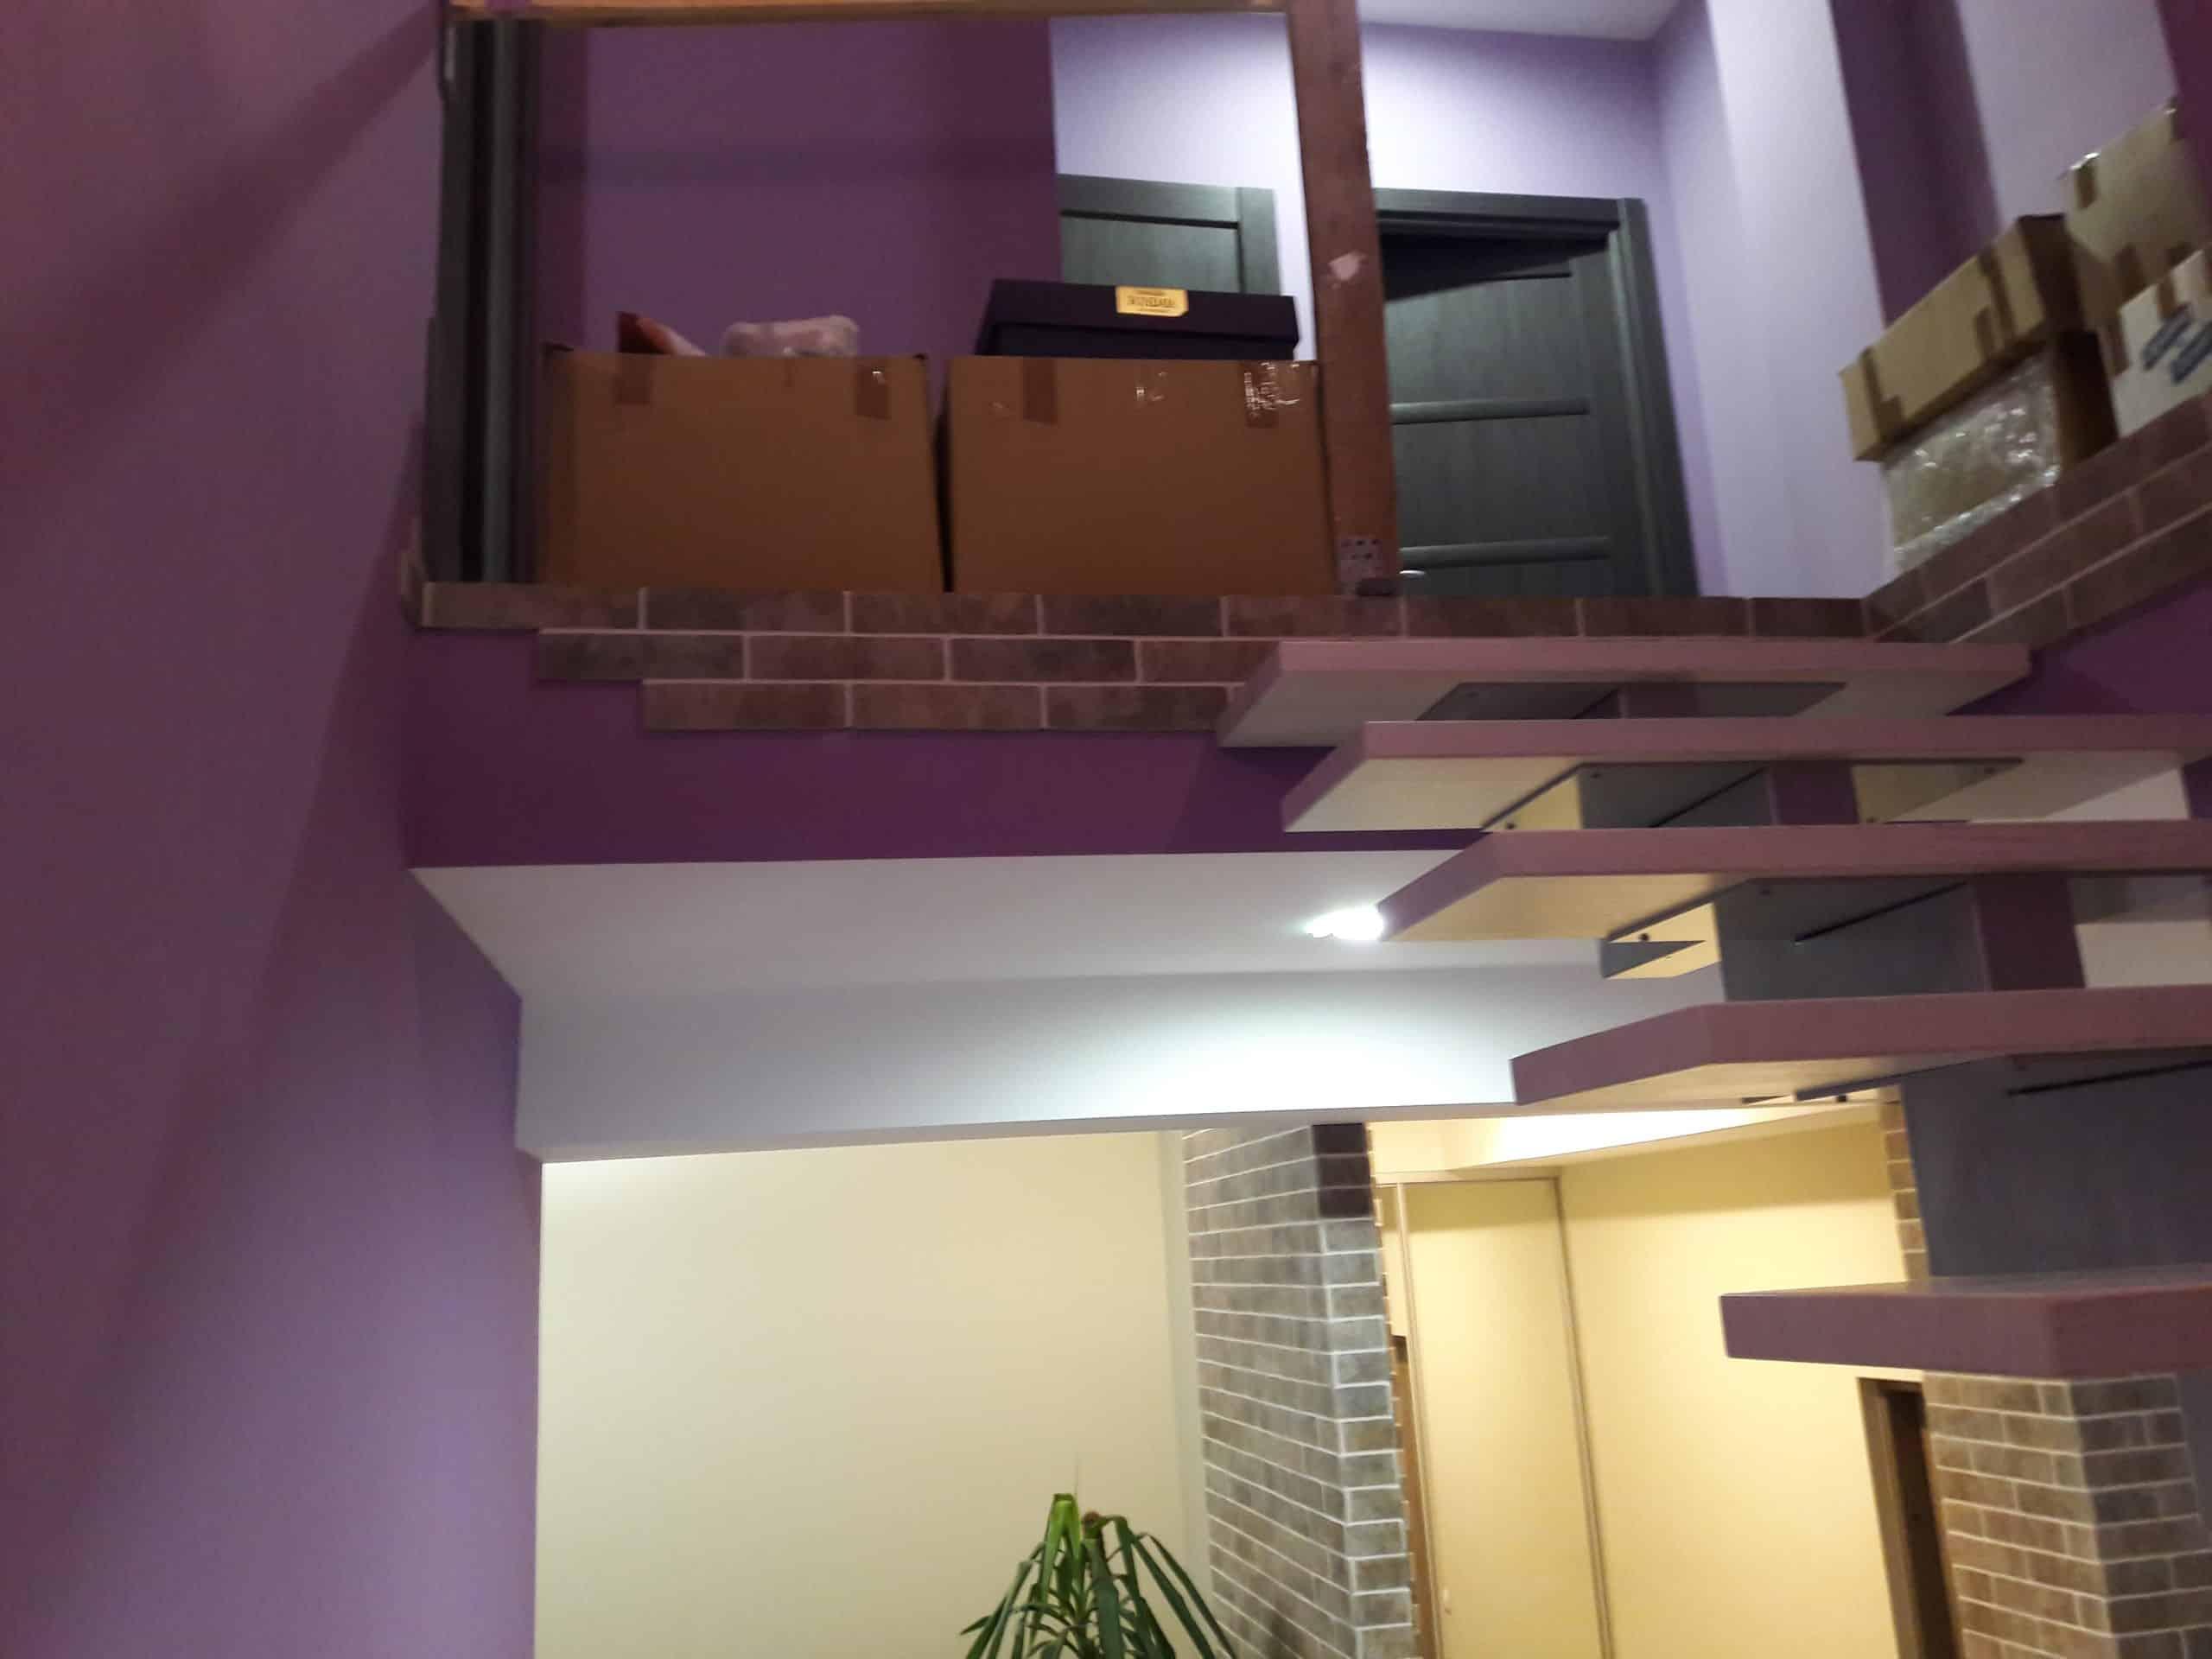 Вид лестницы с выходом на 2-й этаж